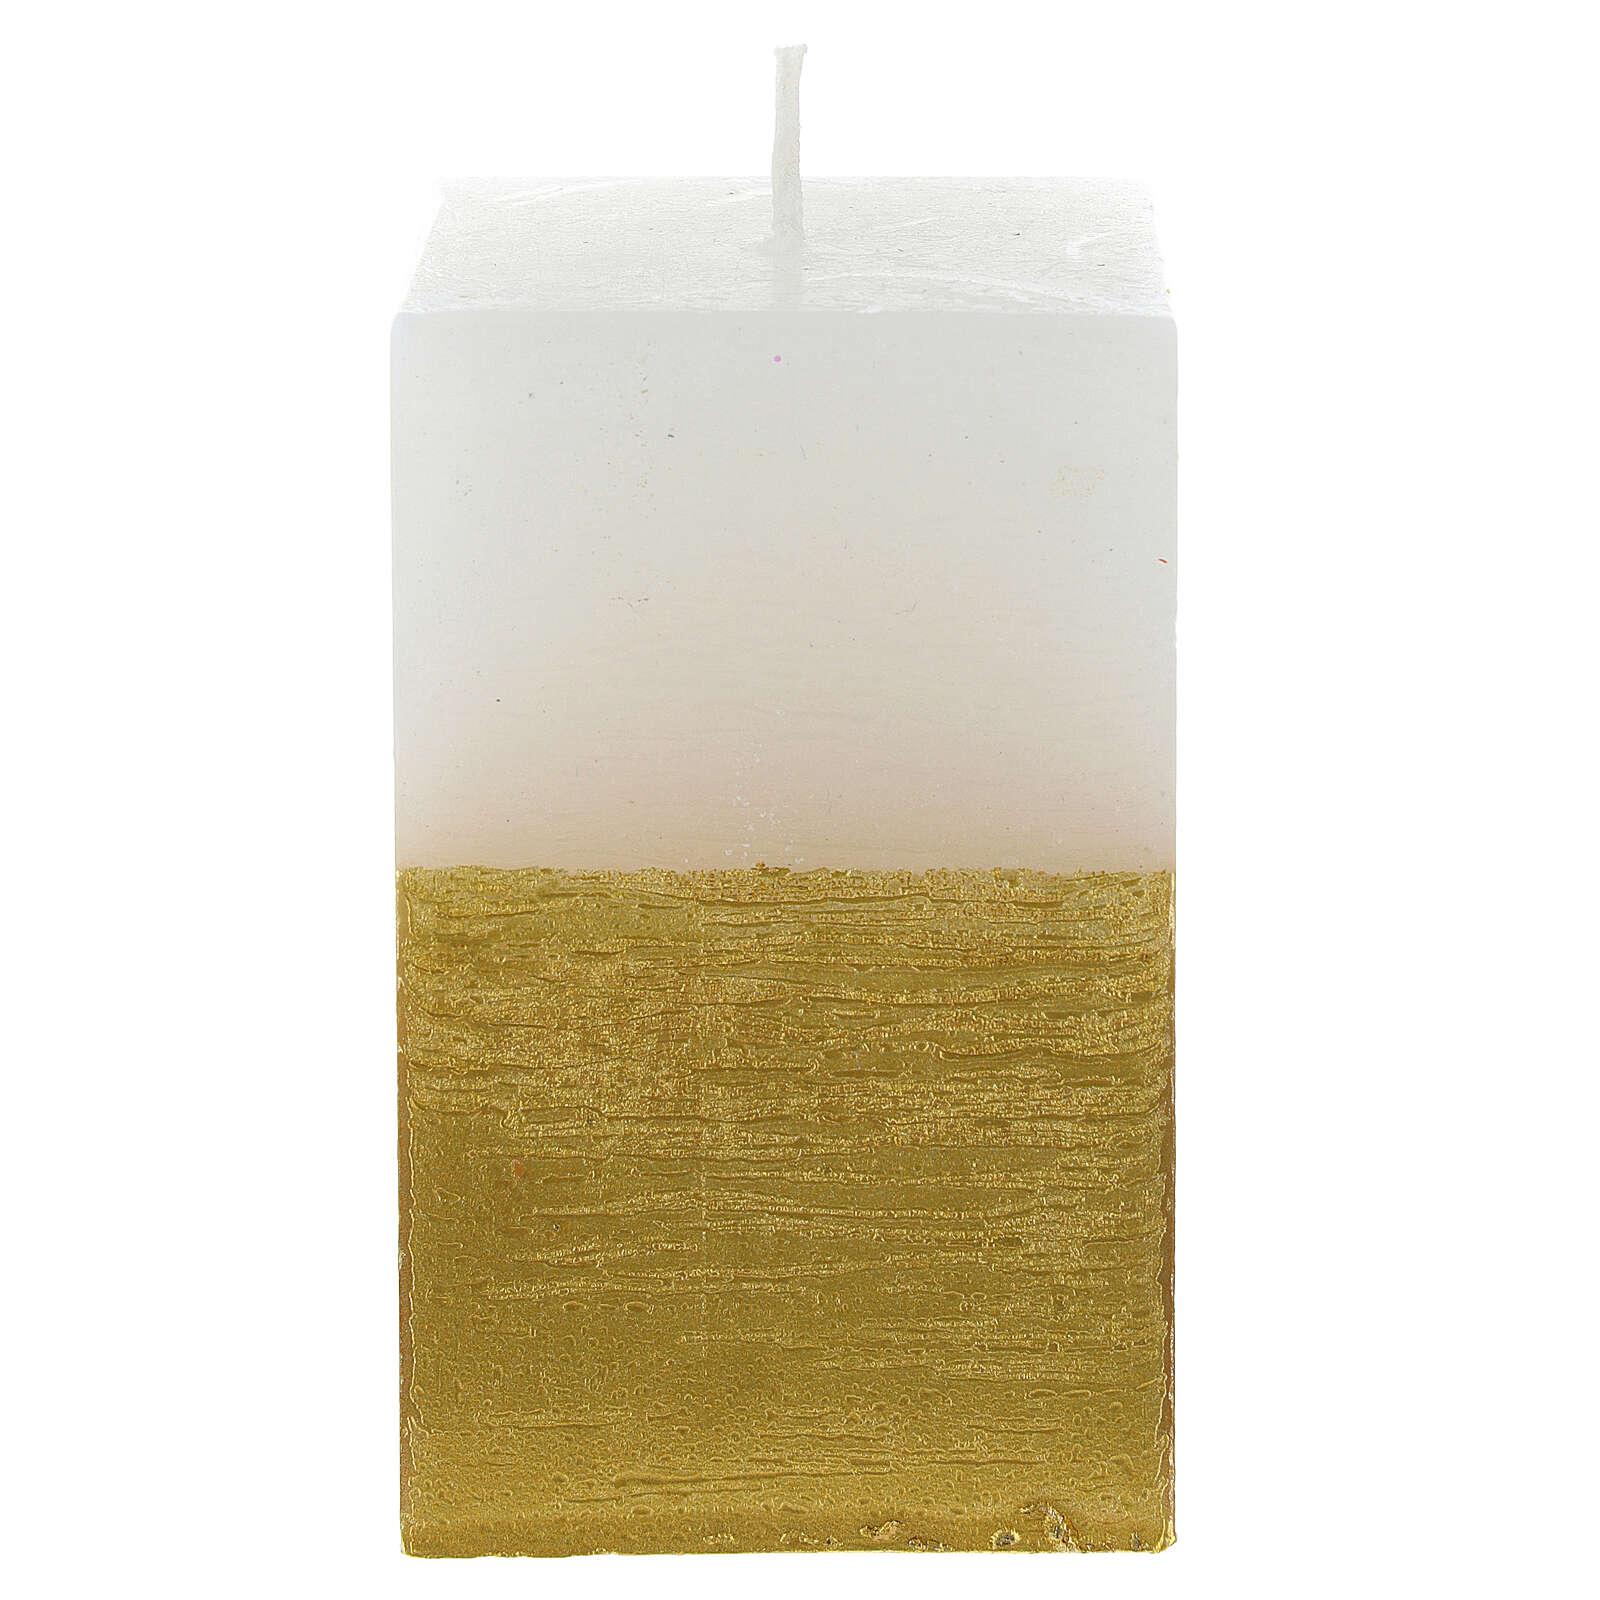 Weihnachtskerze Weiss Gold Durchmesser 5,5 Zentimeter 3